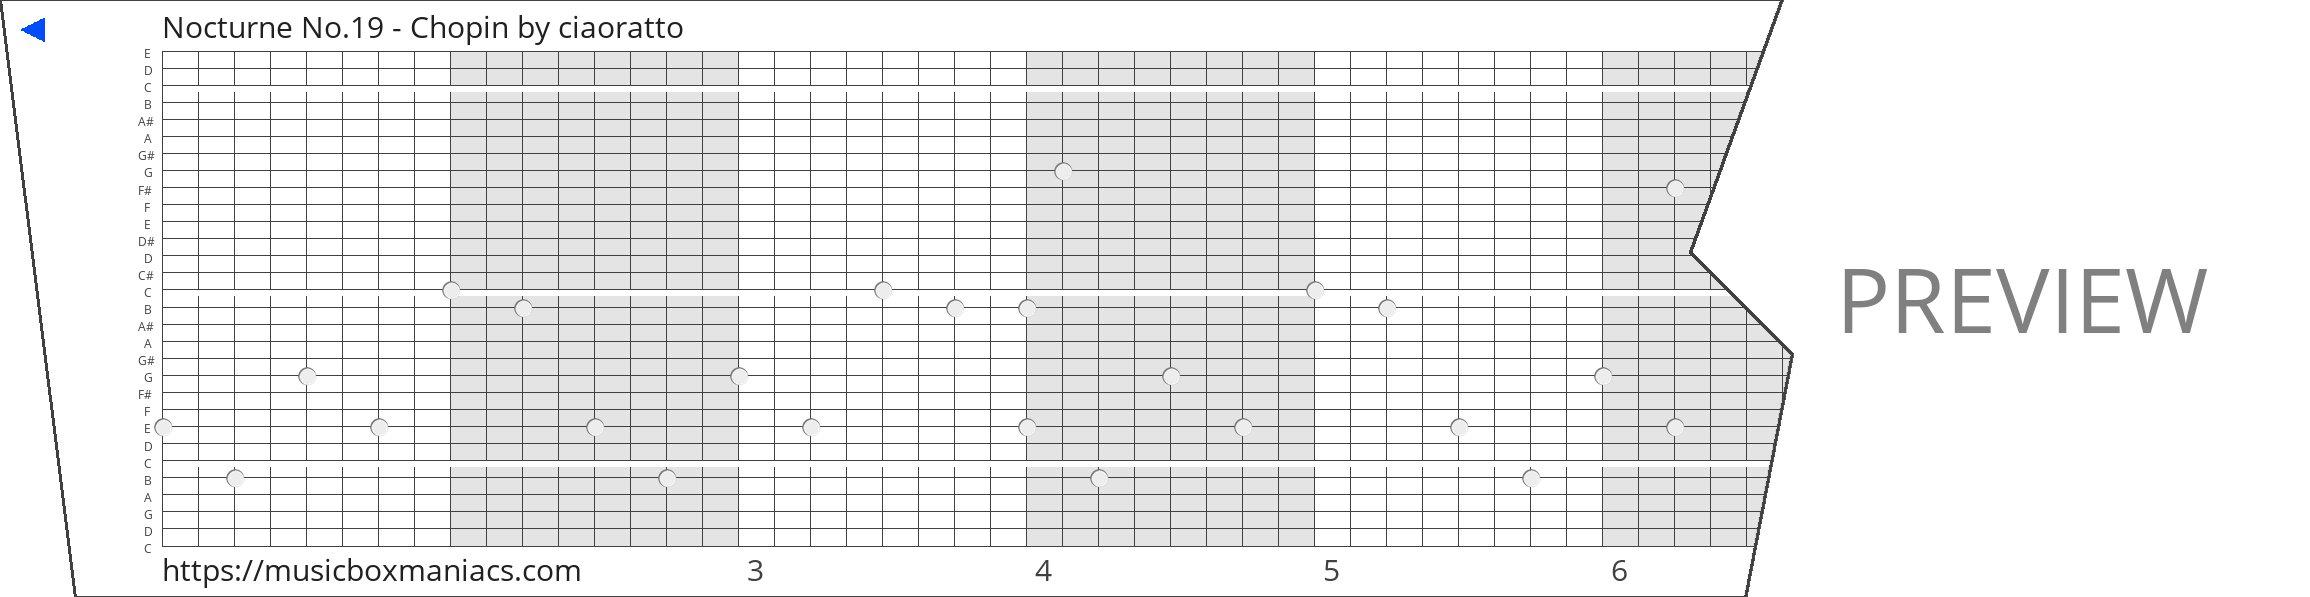 Nocturne No.19 - Chopin 30 note music box paper strip